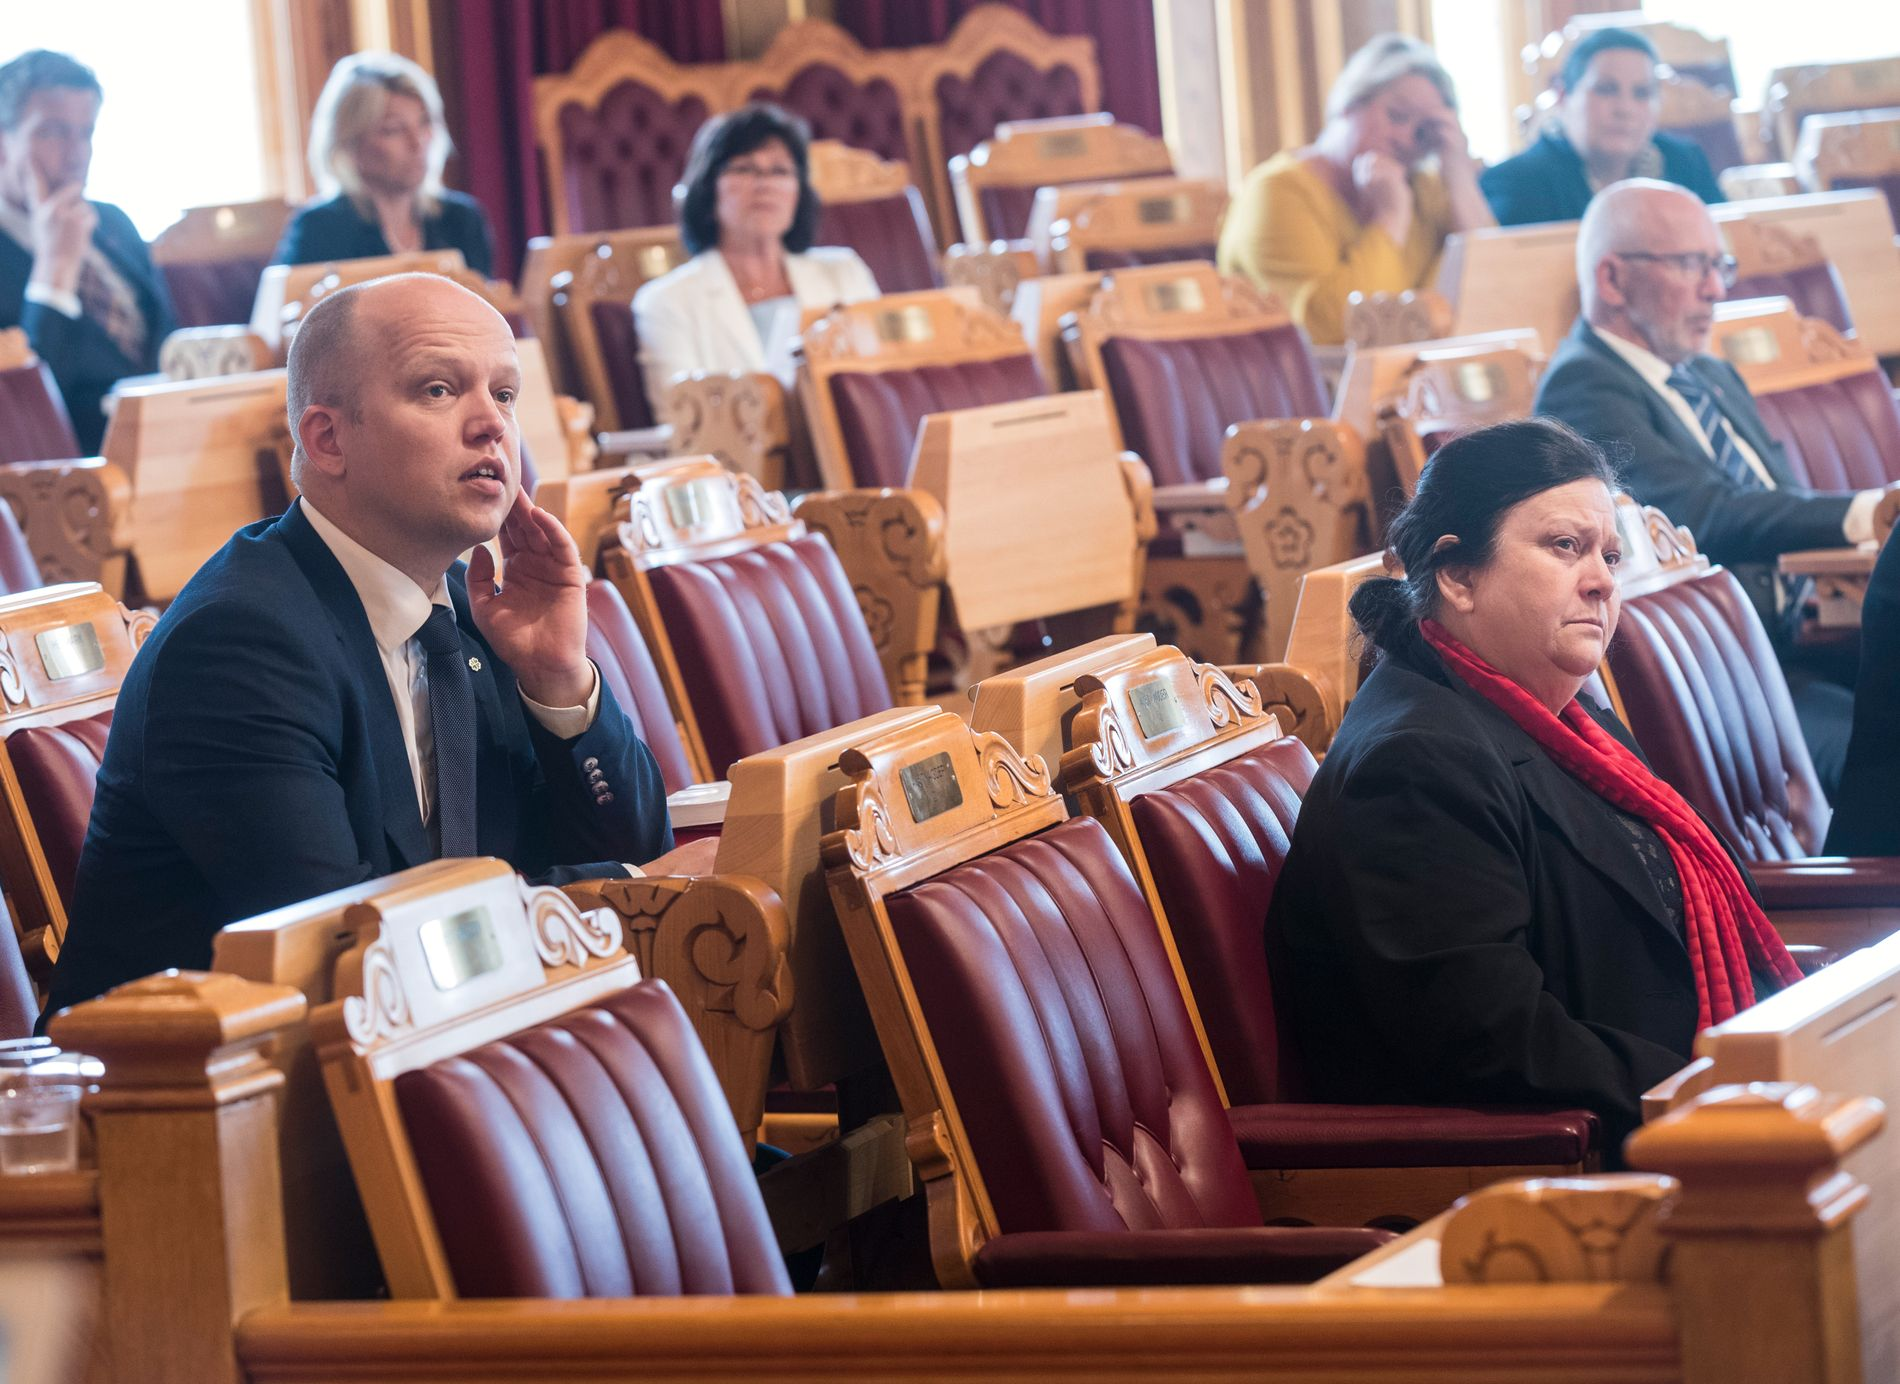 NERVEPIRRENDE: Stortinget behandler tvangssammenslåing av flere kommuner. Ingebjørg Godskesen sitter til høyre i bildet. En rad over til venstre sitter Sp-leder Trygve Slagsvold Vedum.